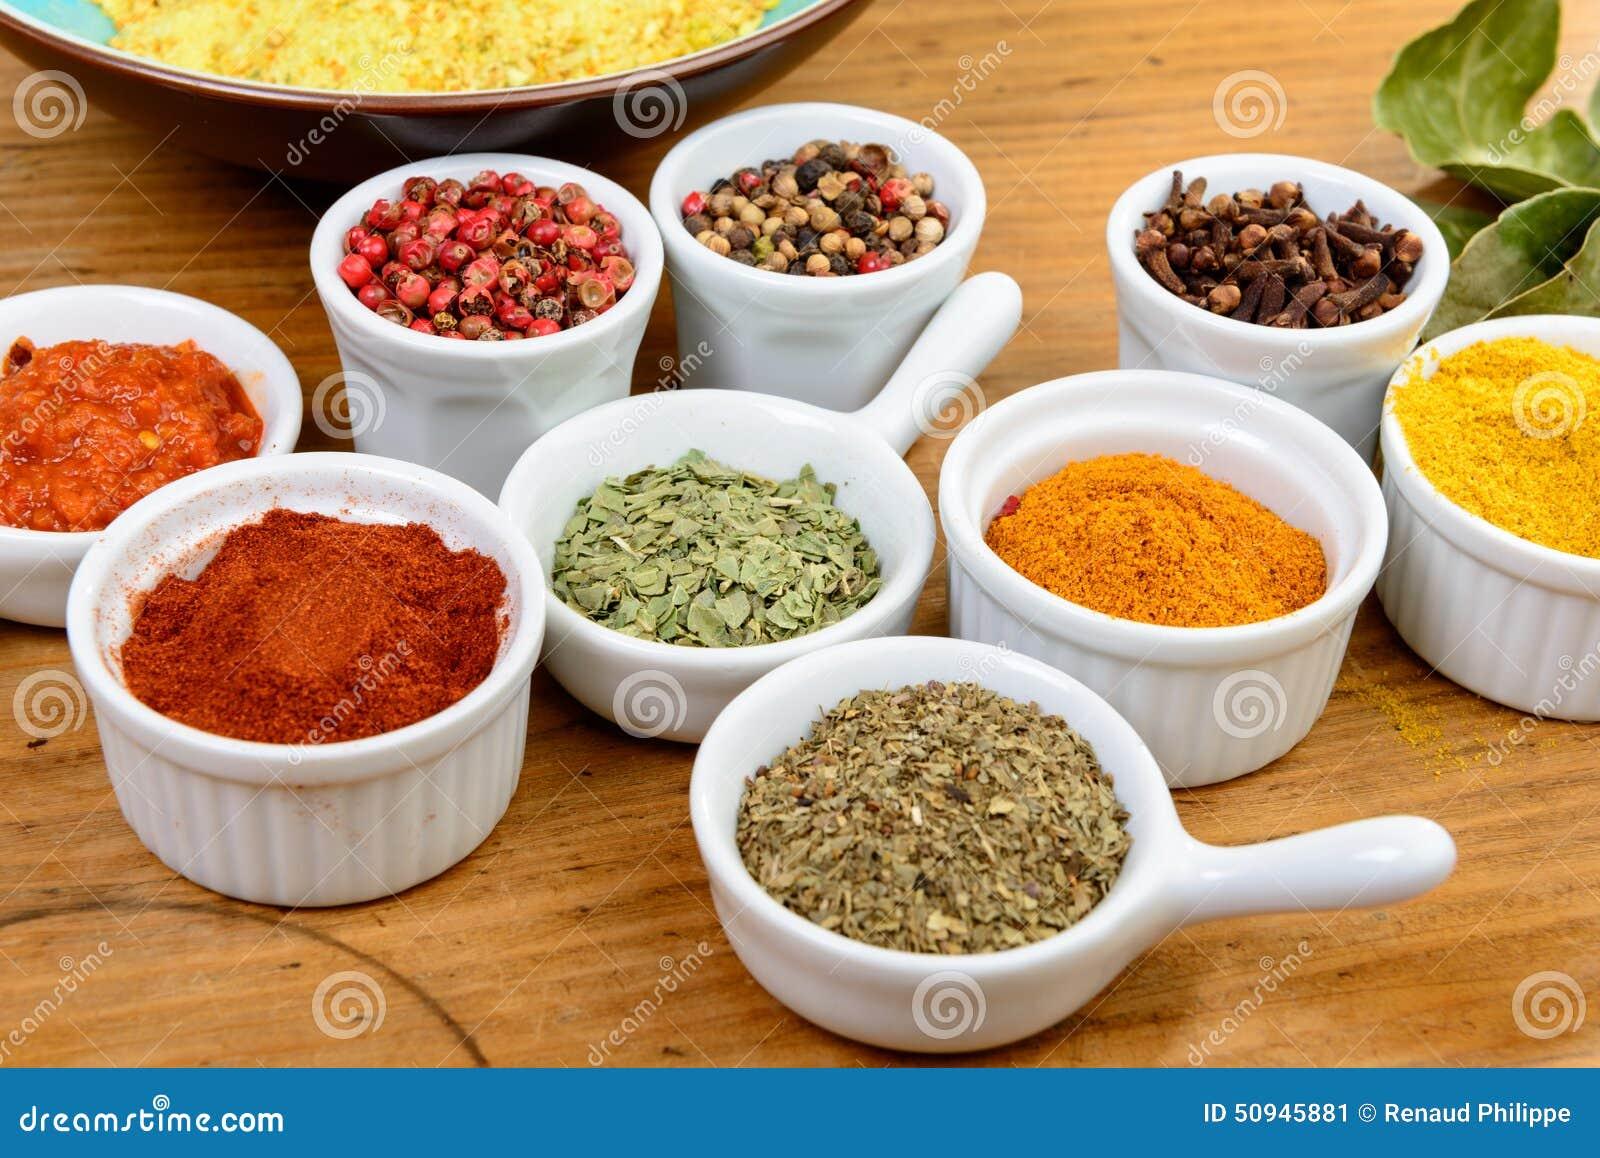 Indiska Kryddor Fotografering For Bildbyraer Bild Av Matlagning 50945881